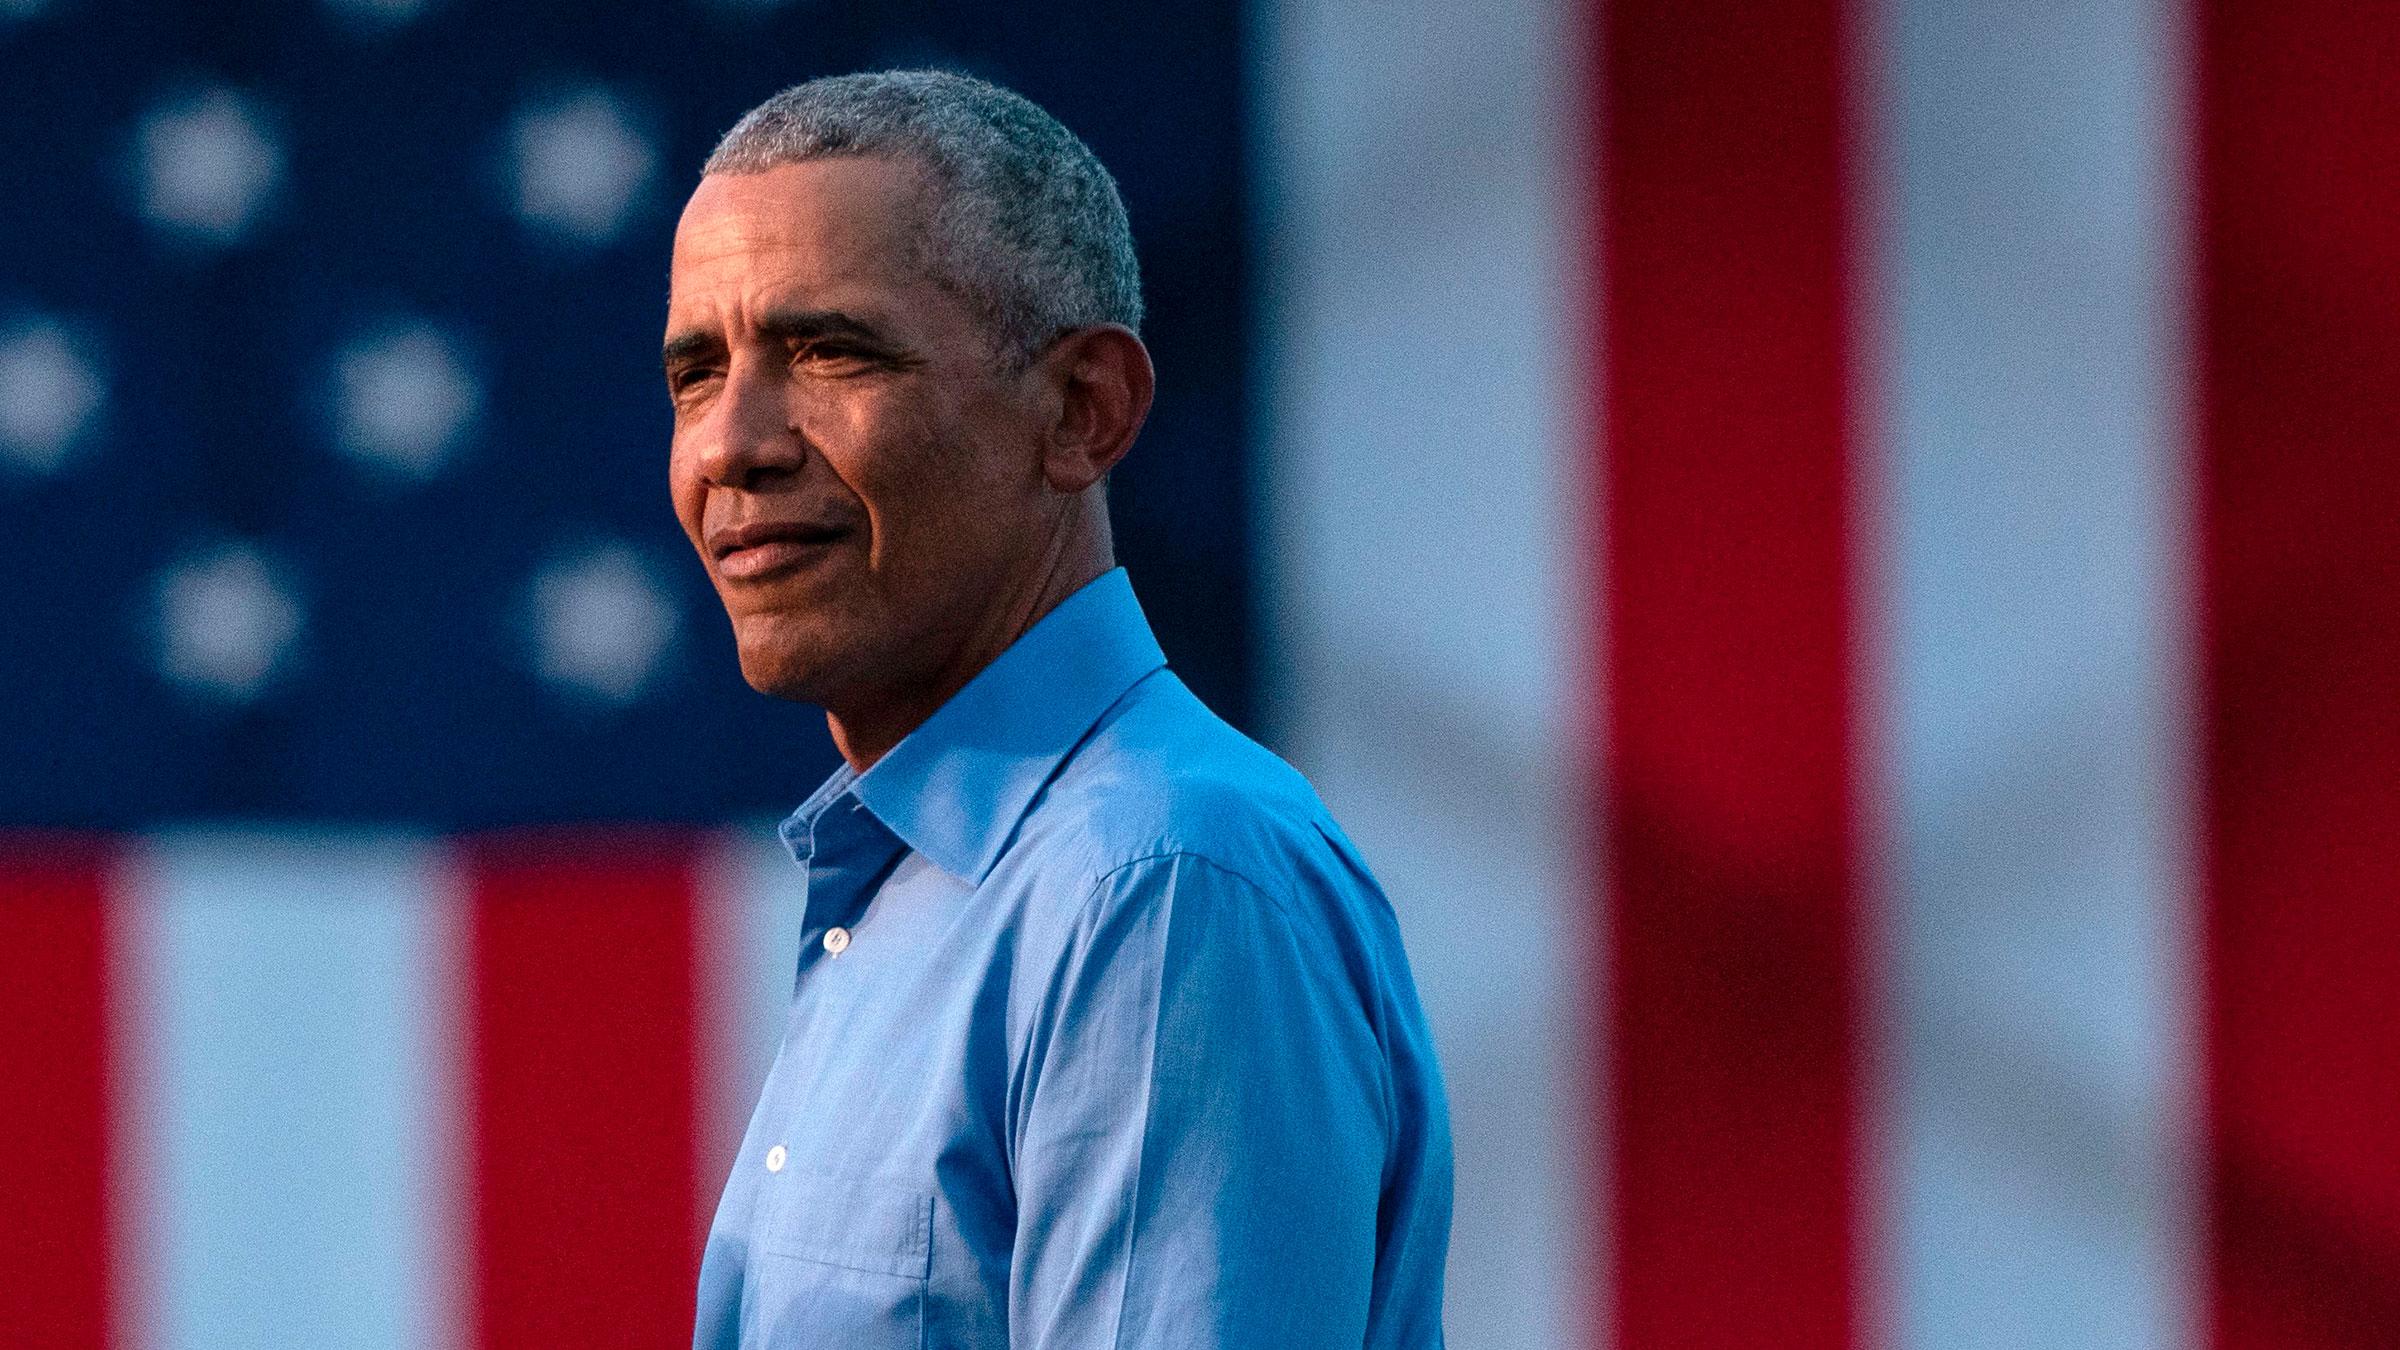 Former President Barack Obama spoke during a rally in Philadelphia, Pennsylvania, on October 21.